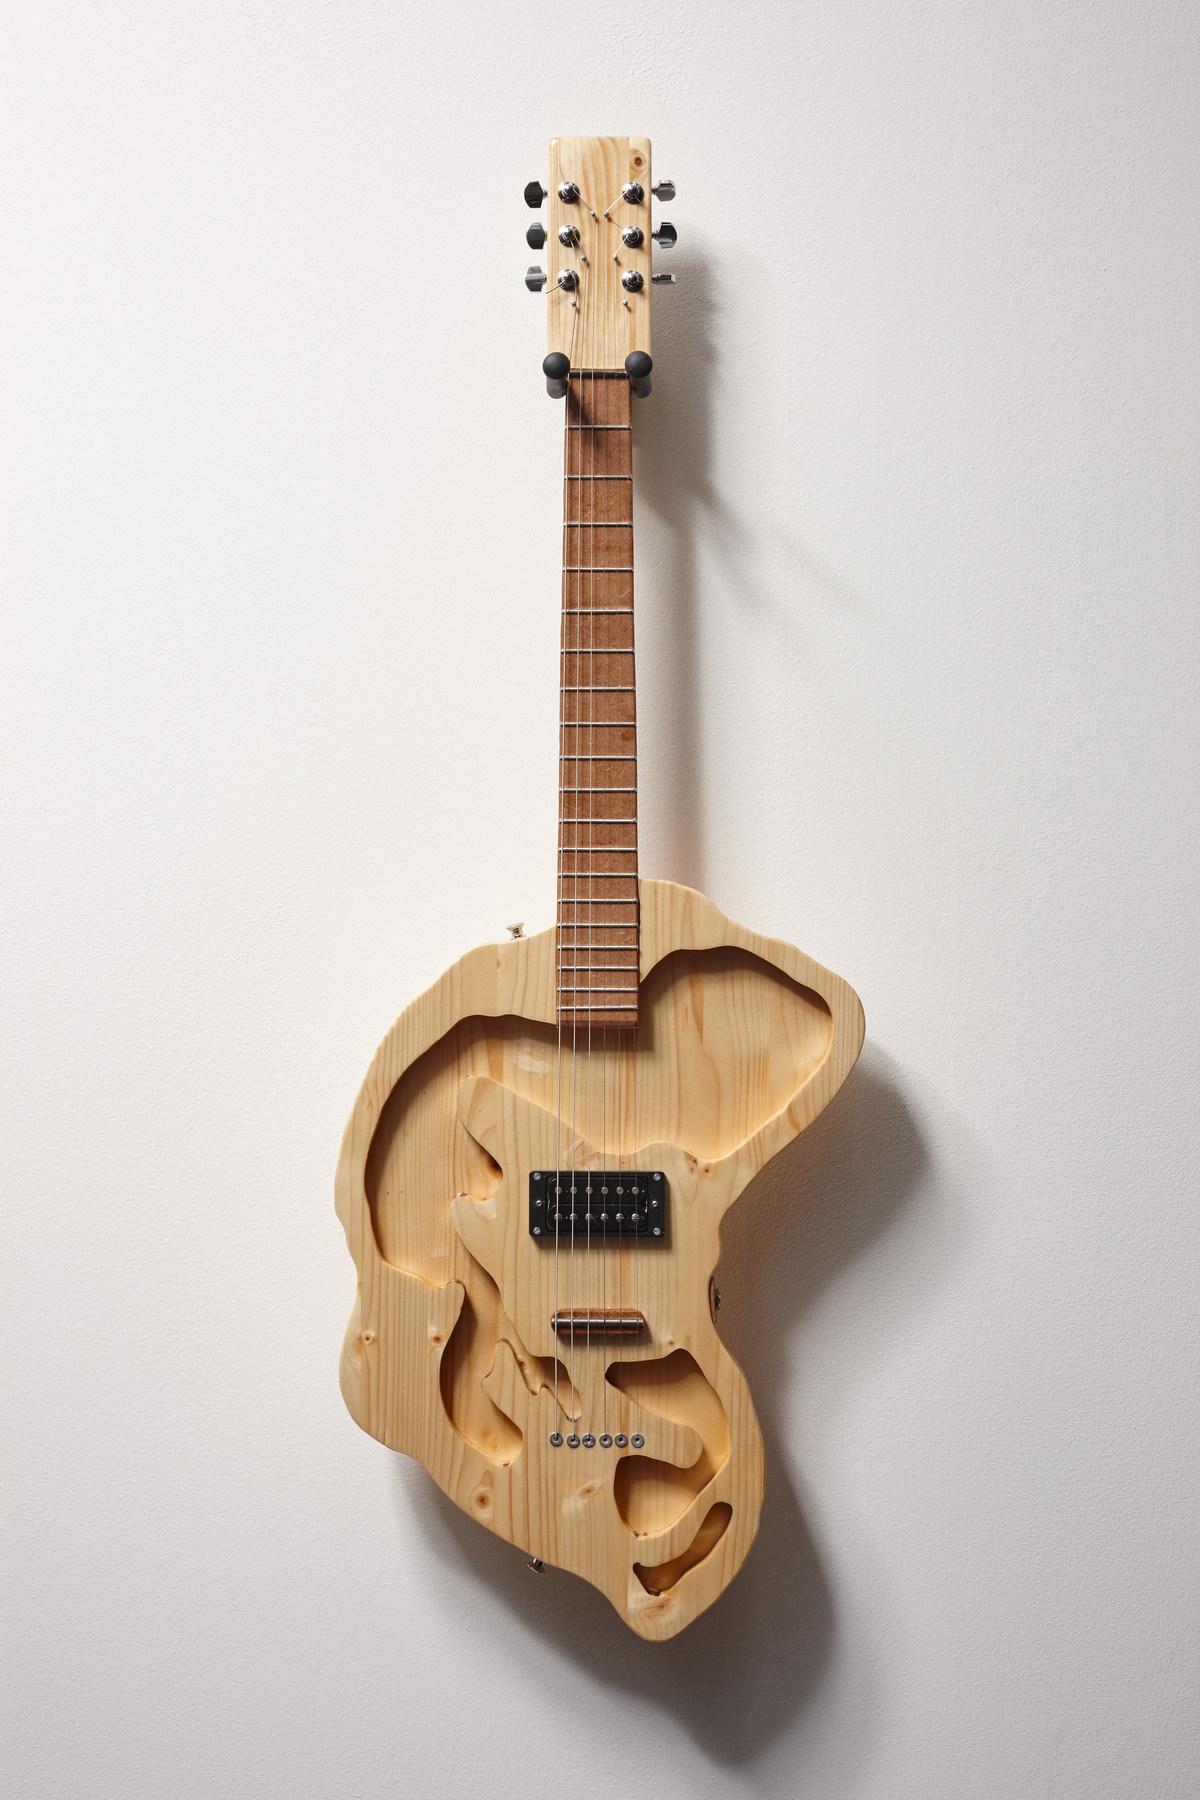 Flavio Merlo - Guitar VII, 2015